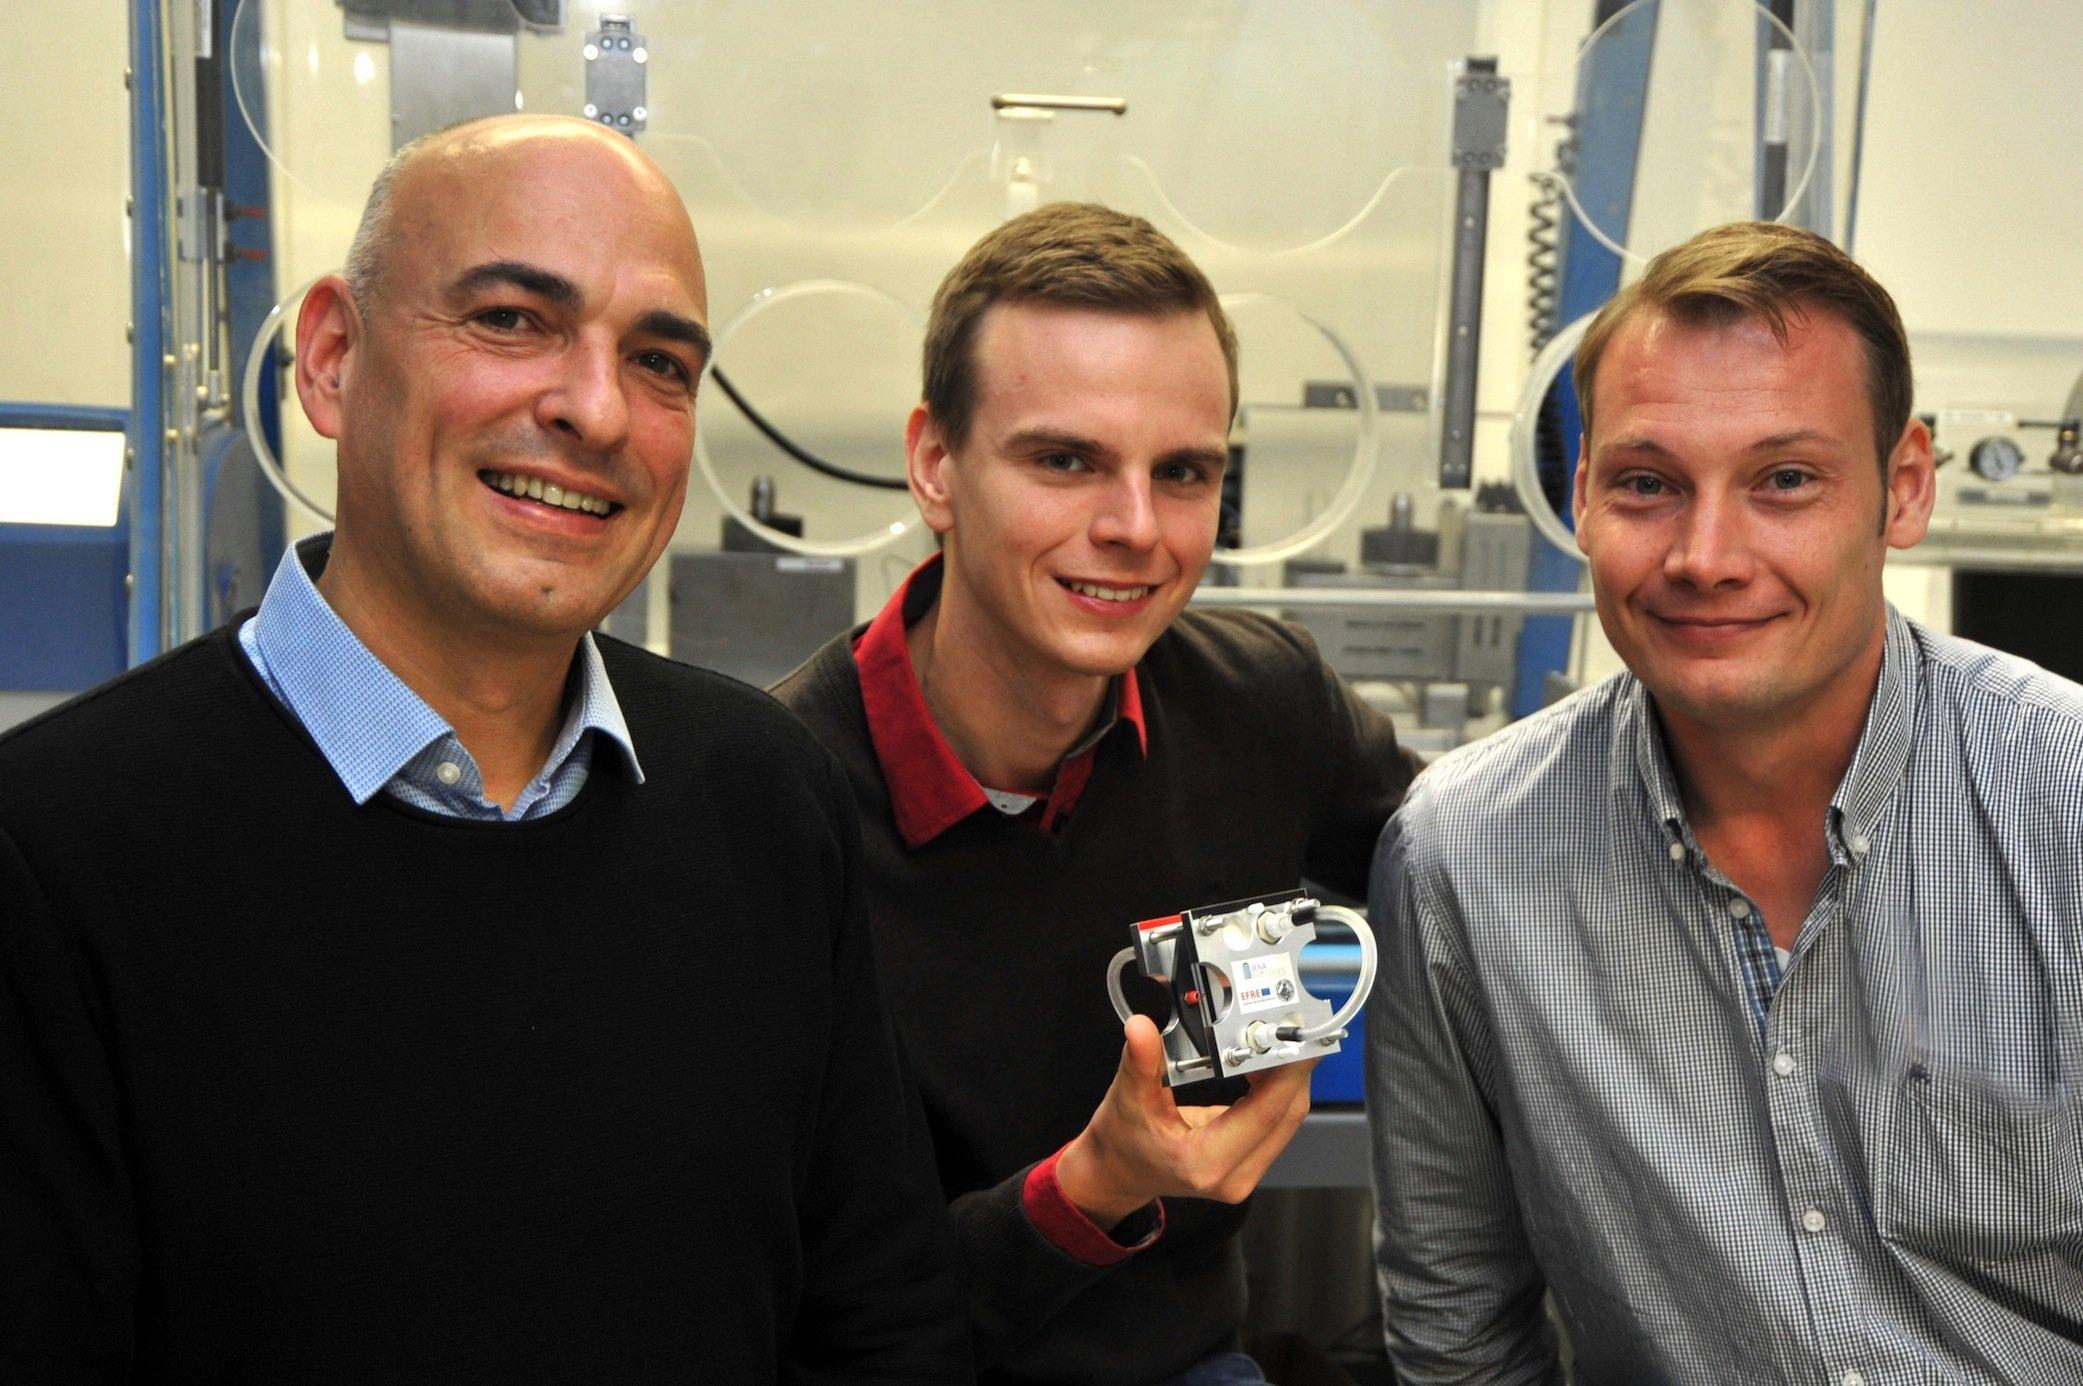 Das Jenaer Forscherteam mit der neuen Batterie (v. l.): Prof. Ulrich S. Schubert, Tobias Janoschka und Dr. Martin Hager.